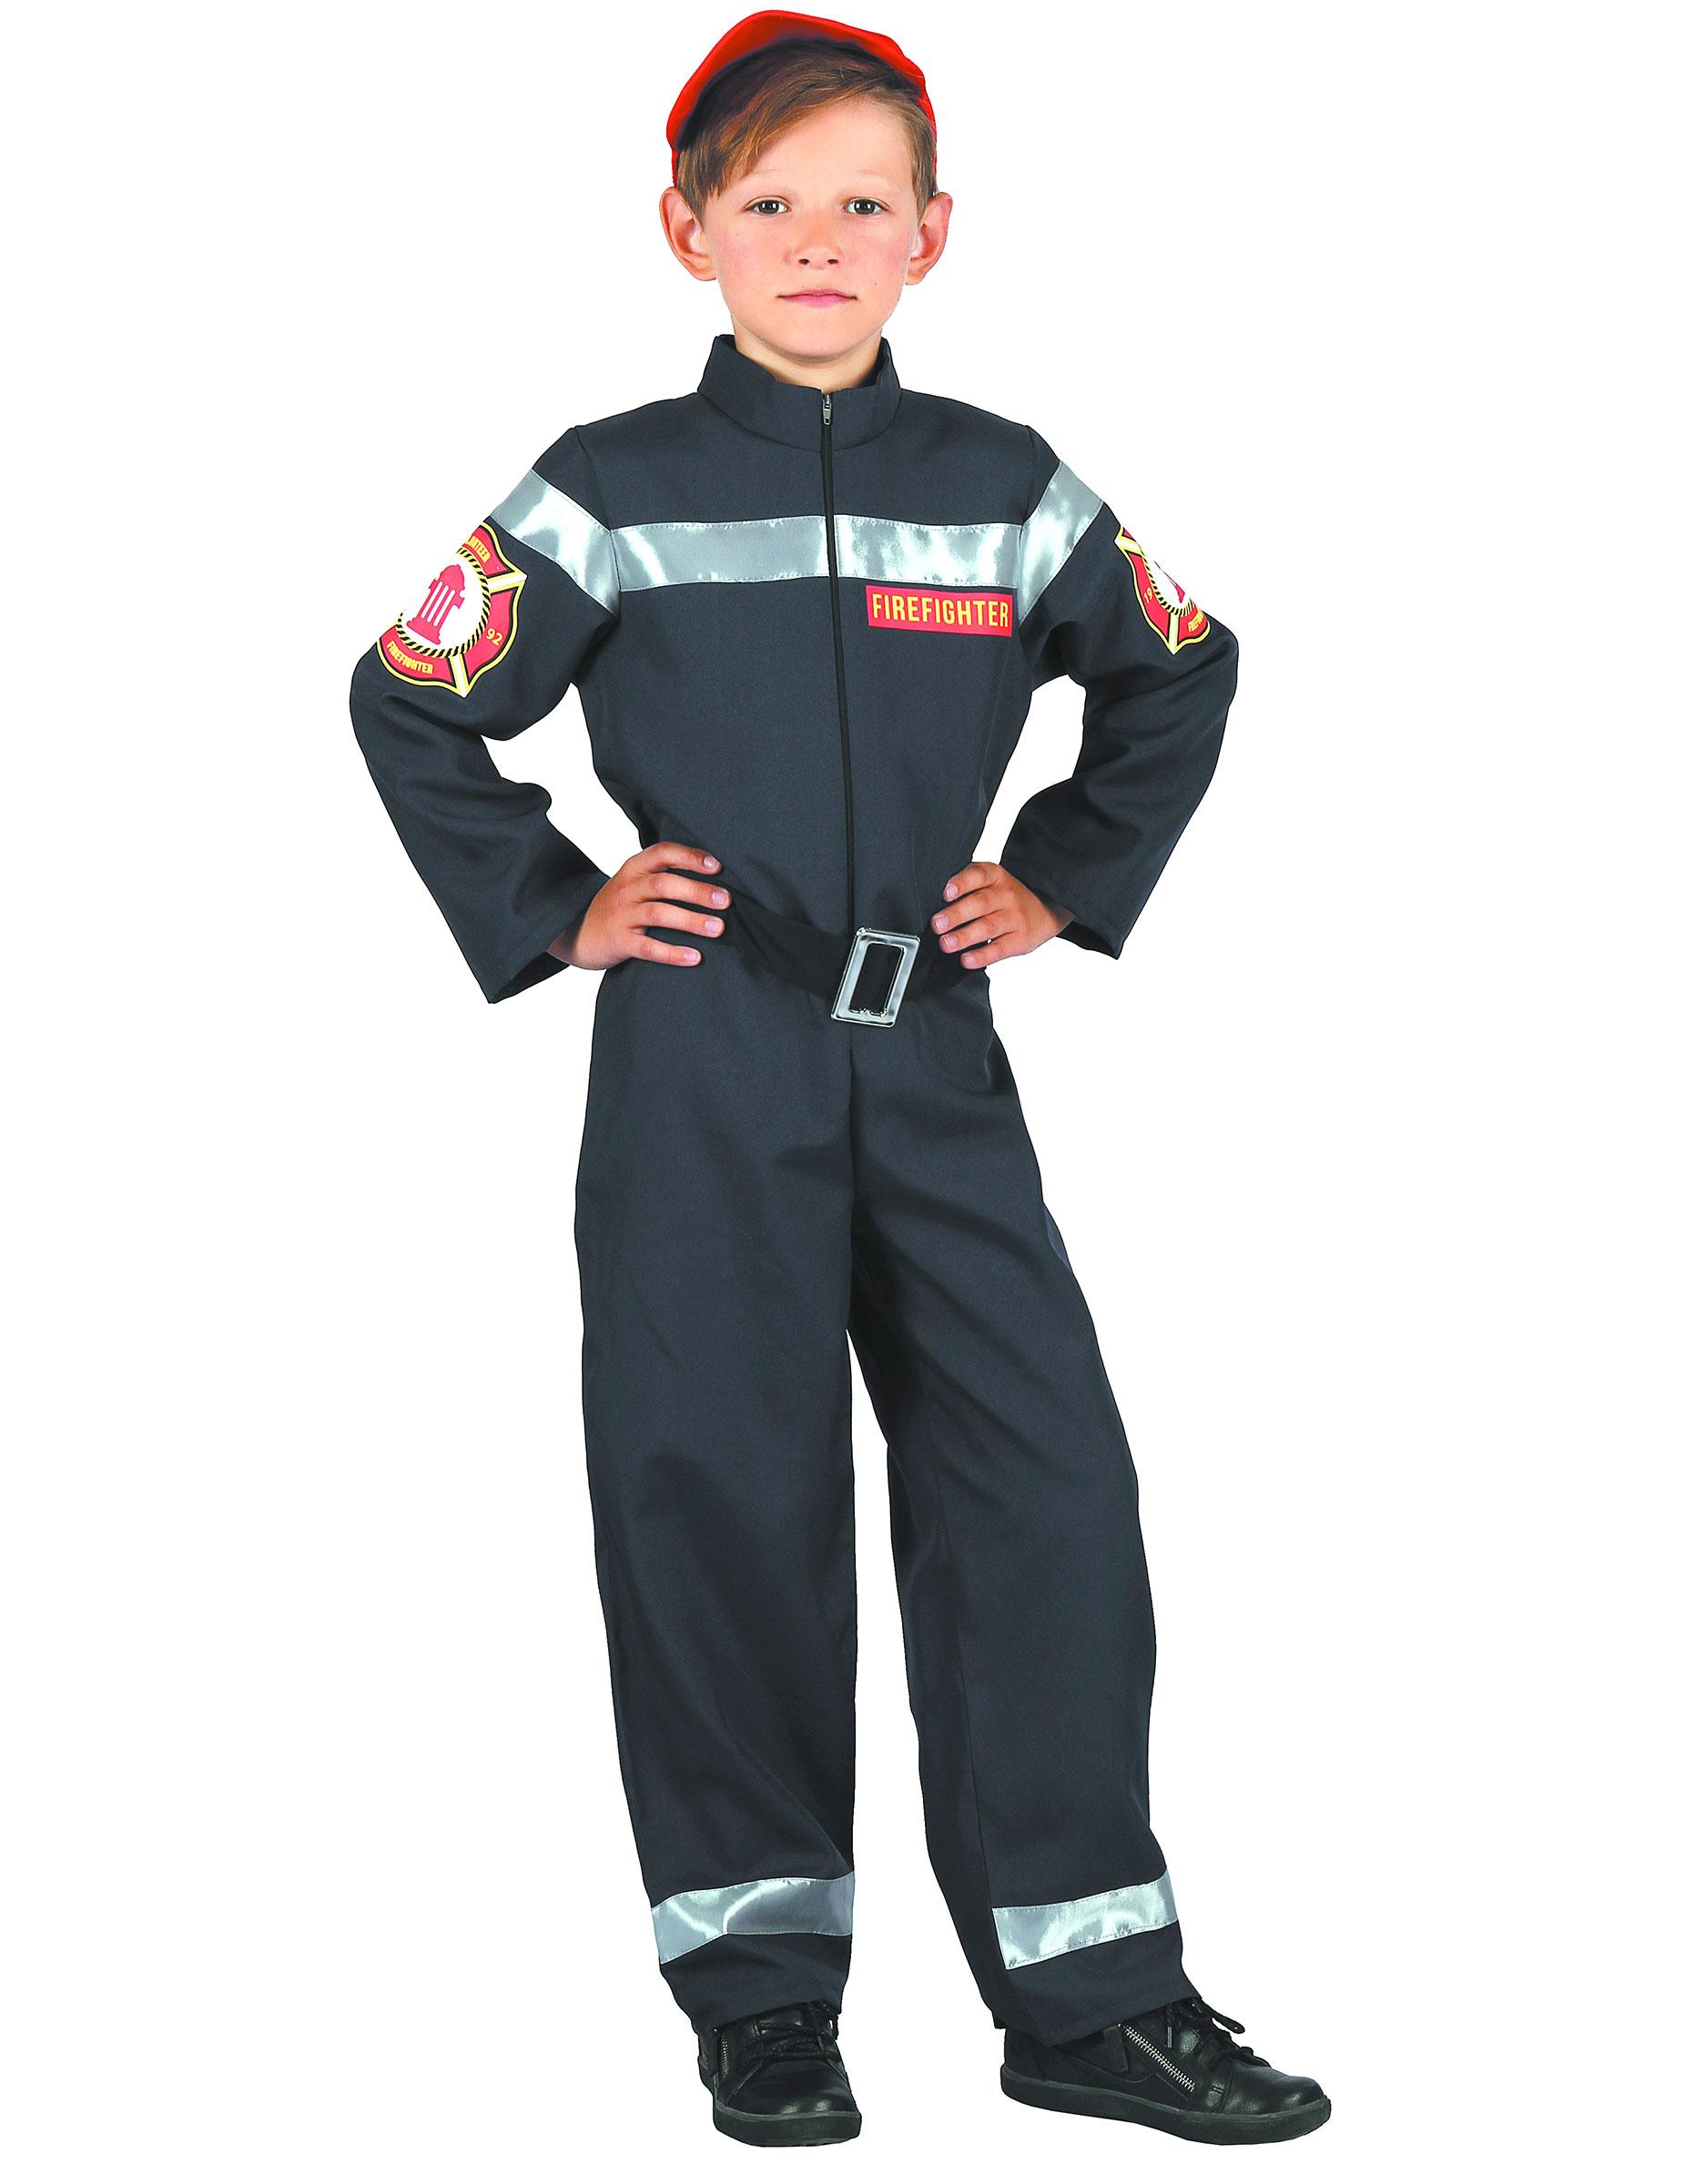 Feuerwehrmann-Kostüm für Jungen dunkelblau , günstige Faschings ...